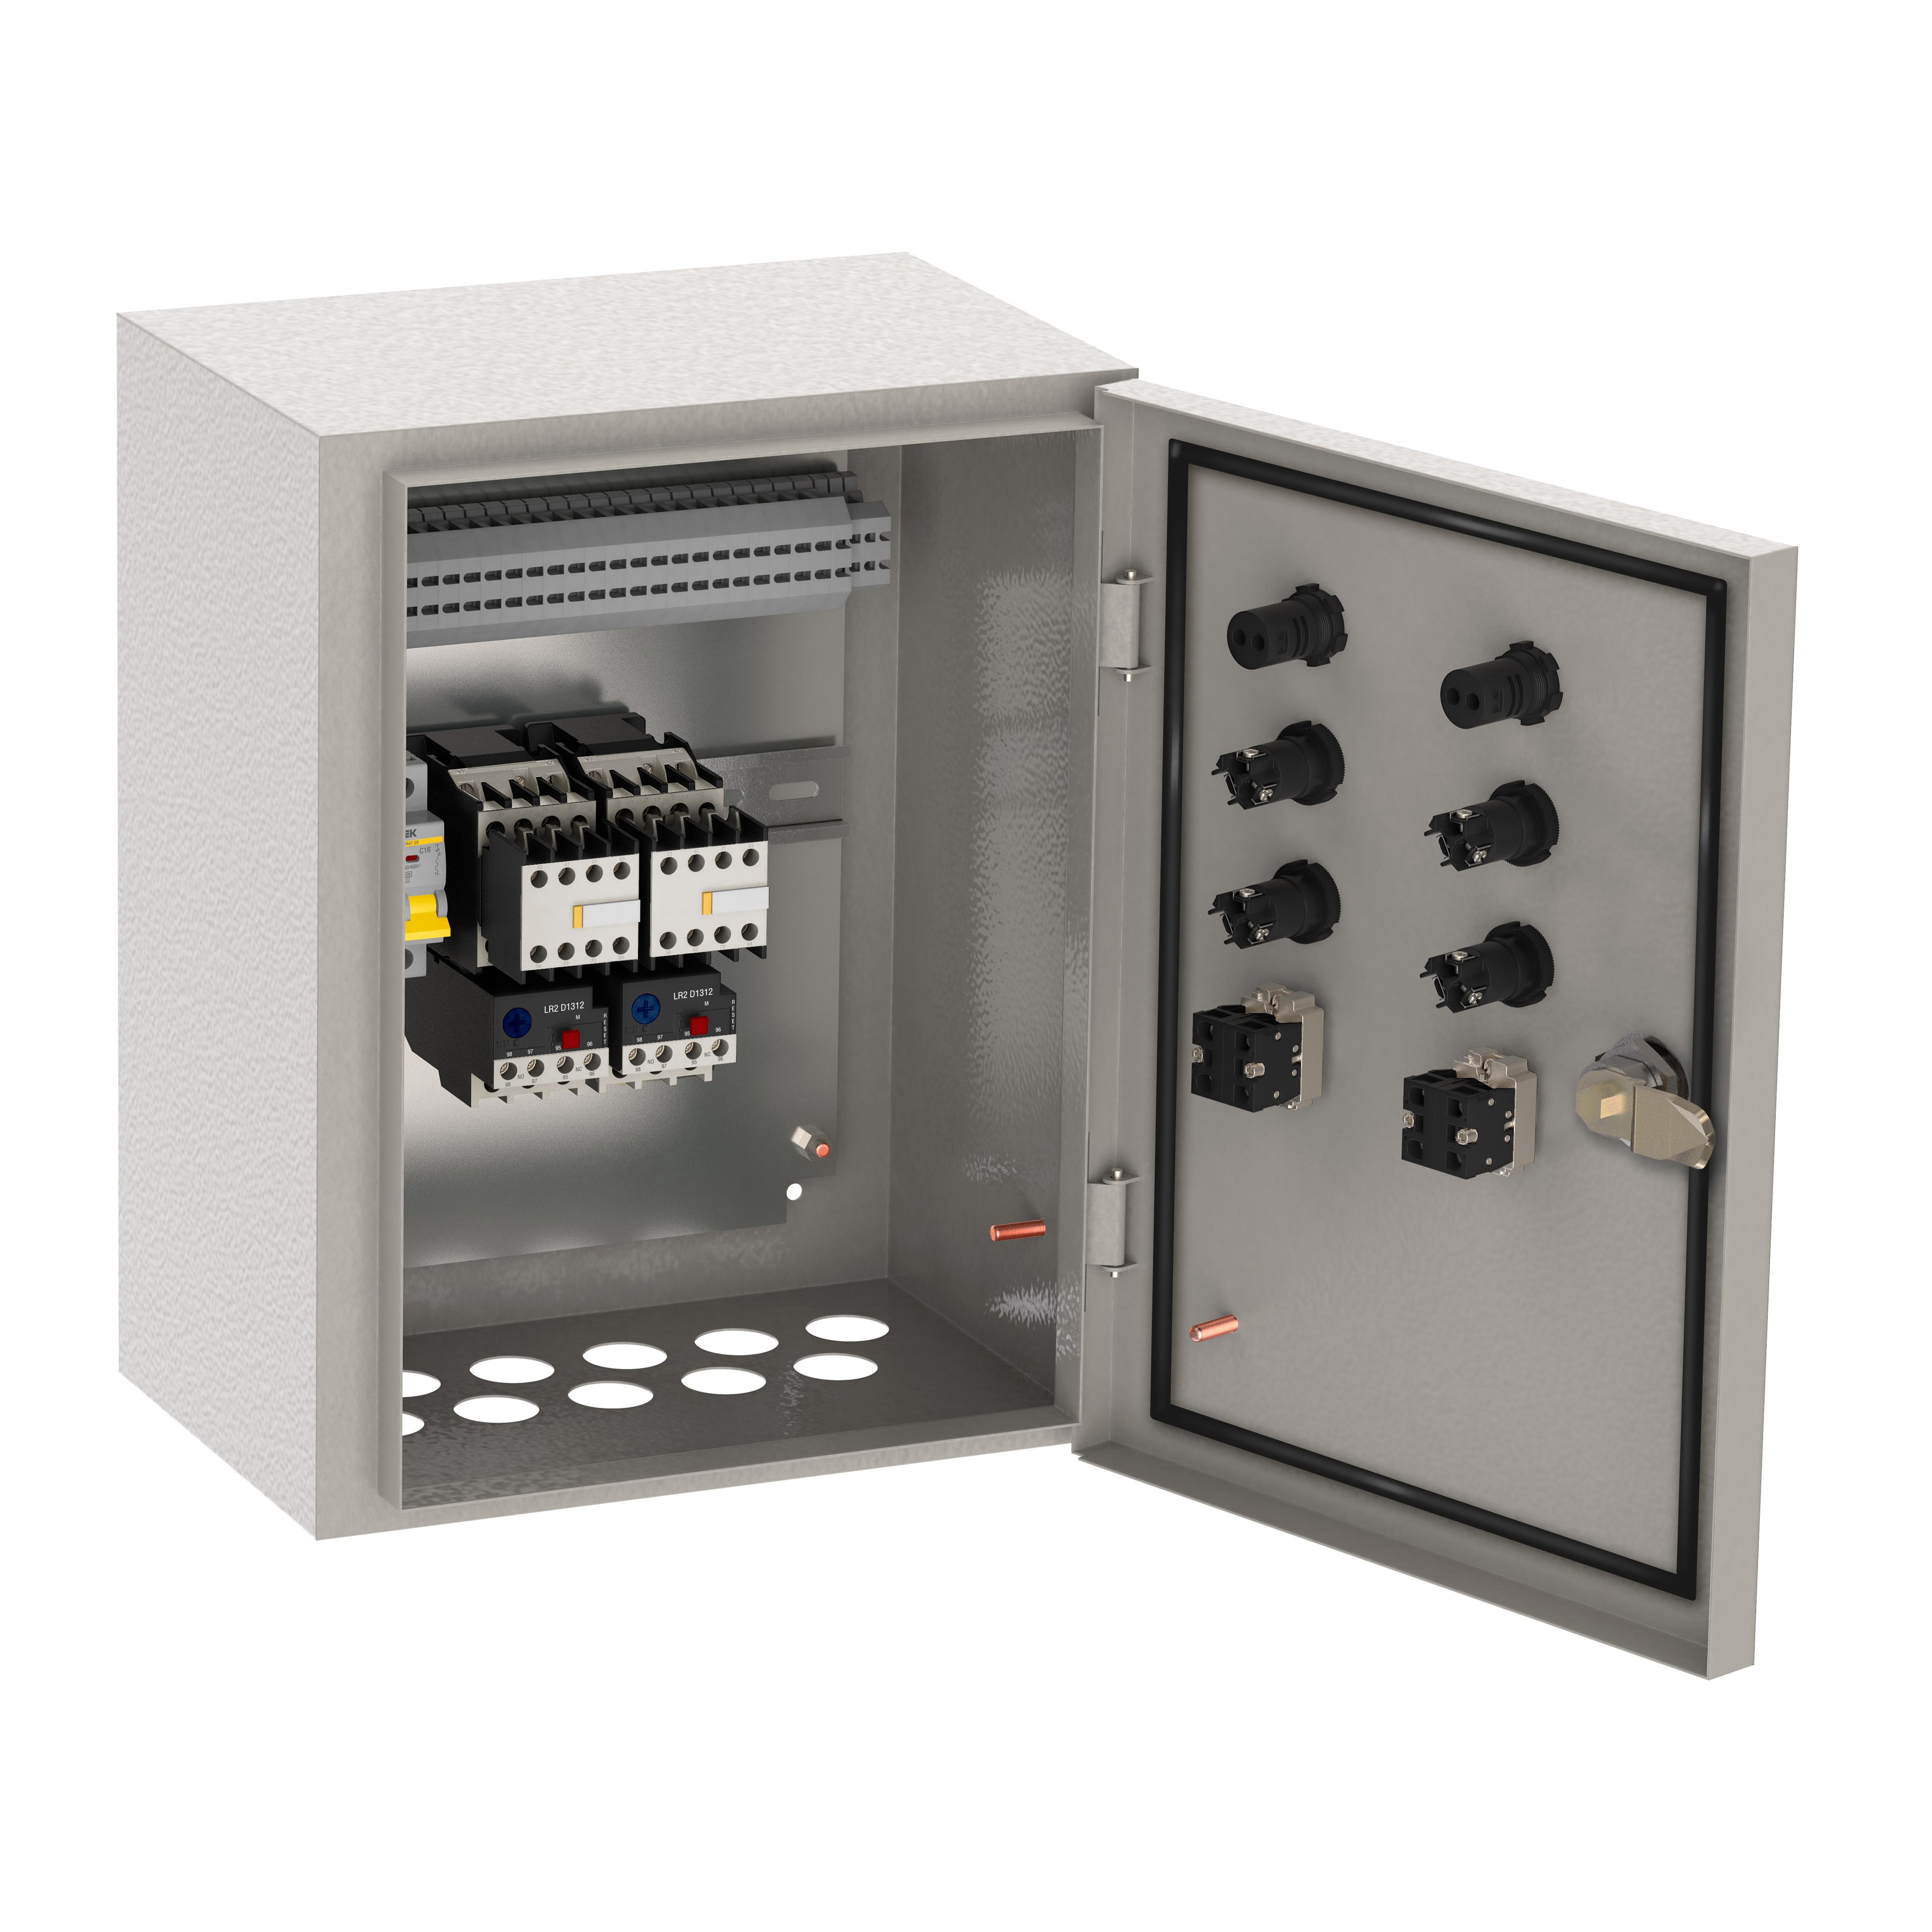 Ящик управления РУСМ5119-2274 нереверсивный 3 фидера автоматический выключатель на каждый фидер с переключателем на автоматический режим 1,6А IP54 IEK